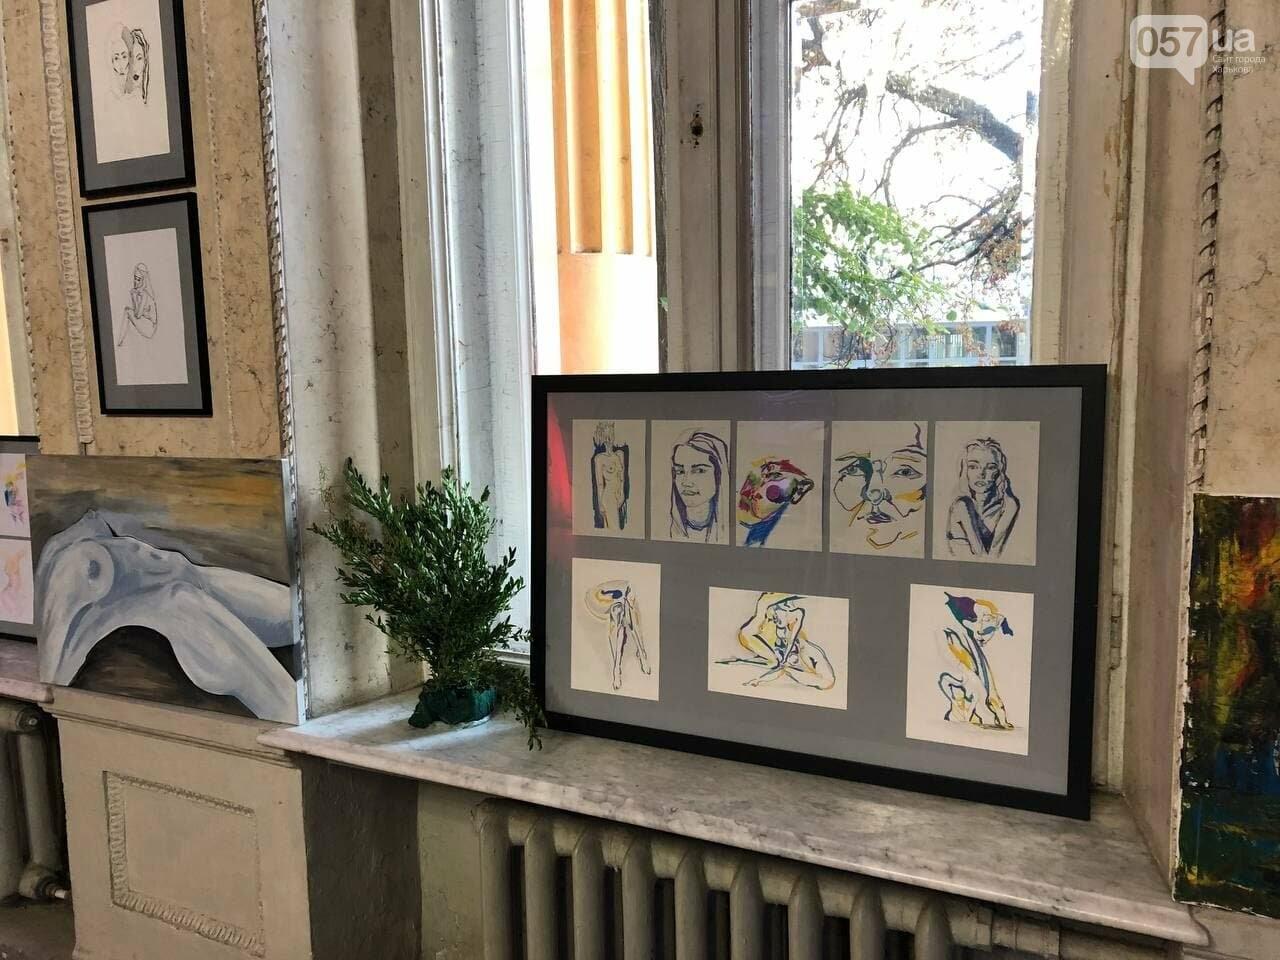 В Харькове прошла благотворительная выставка памяти молодой художницы, скончавшейся от приступа эпилепсии, - ФОТОРЕПОРТАЖ, фото-4